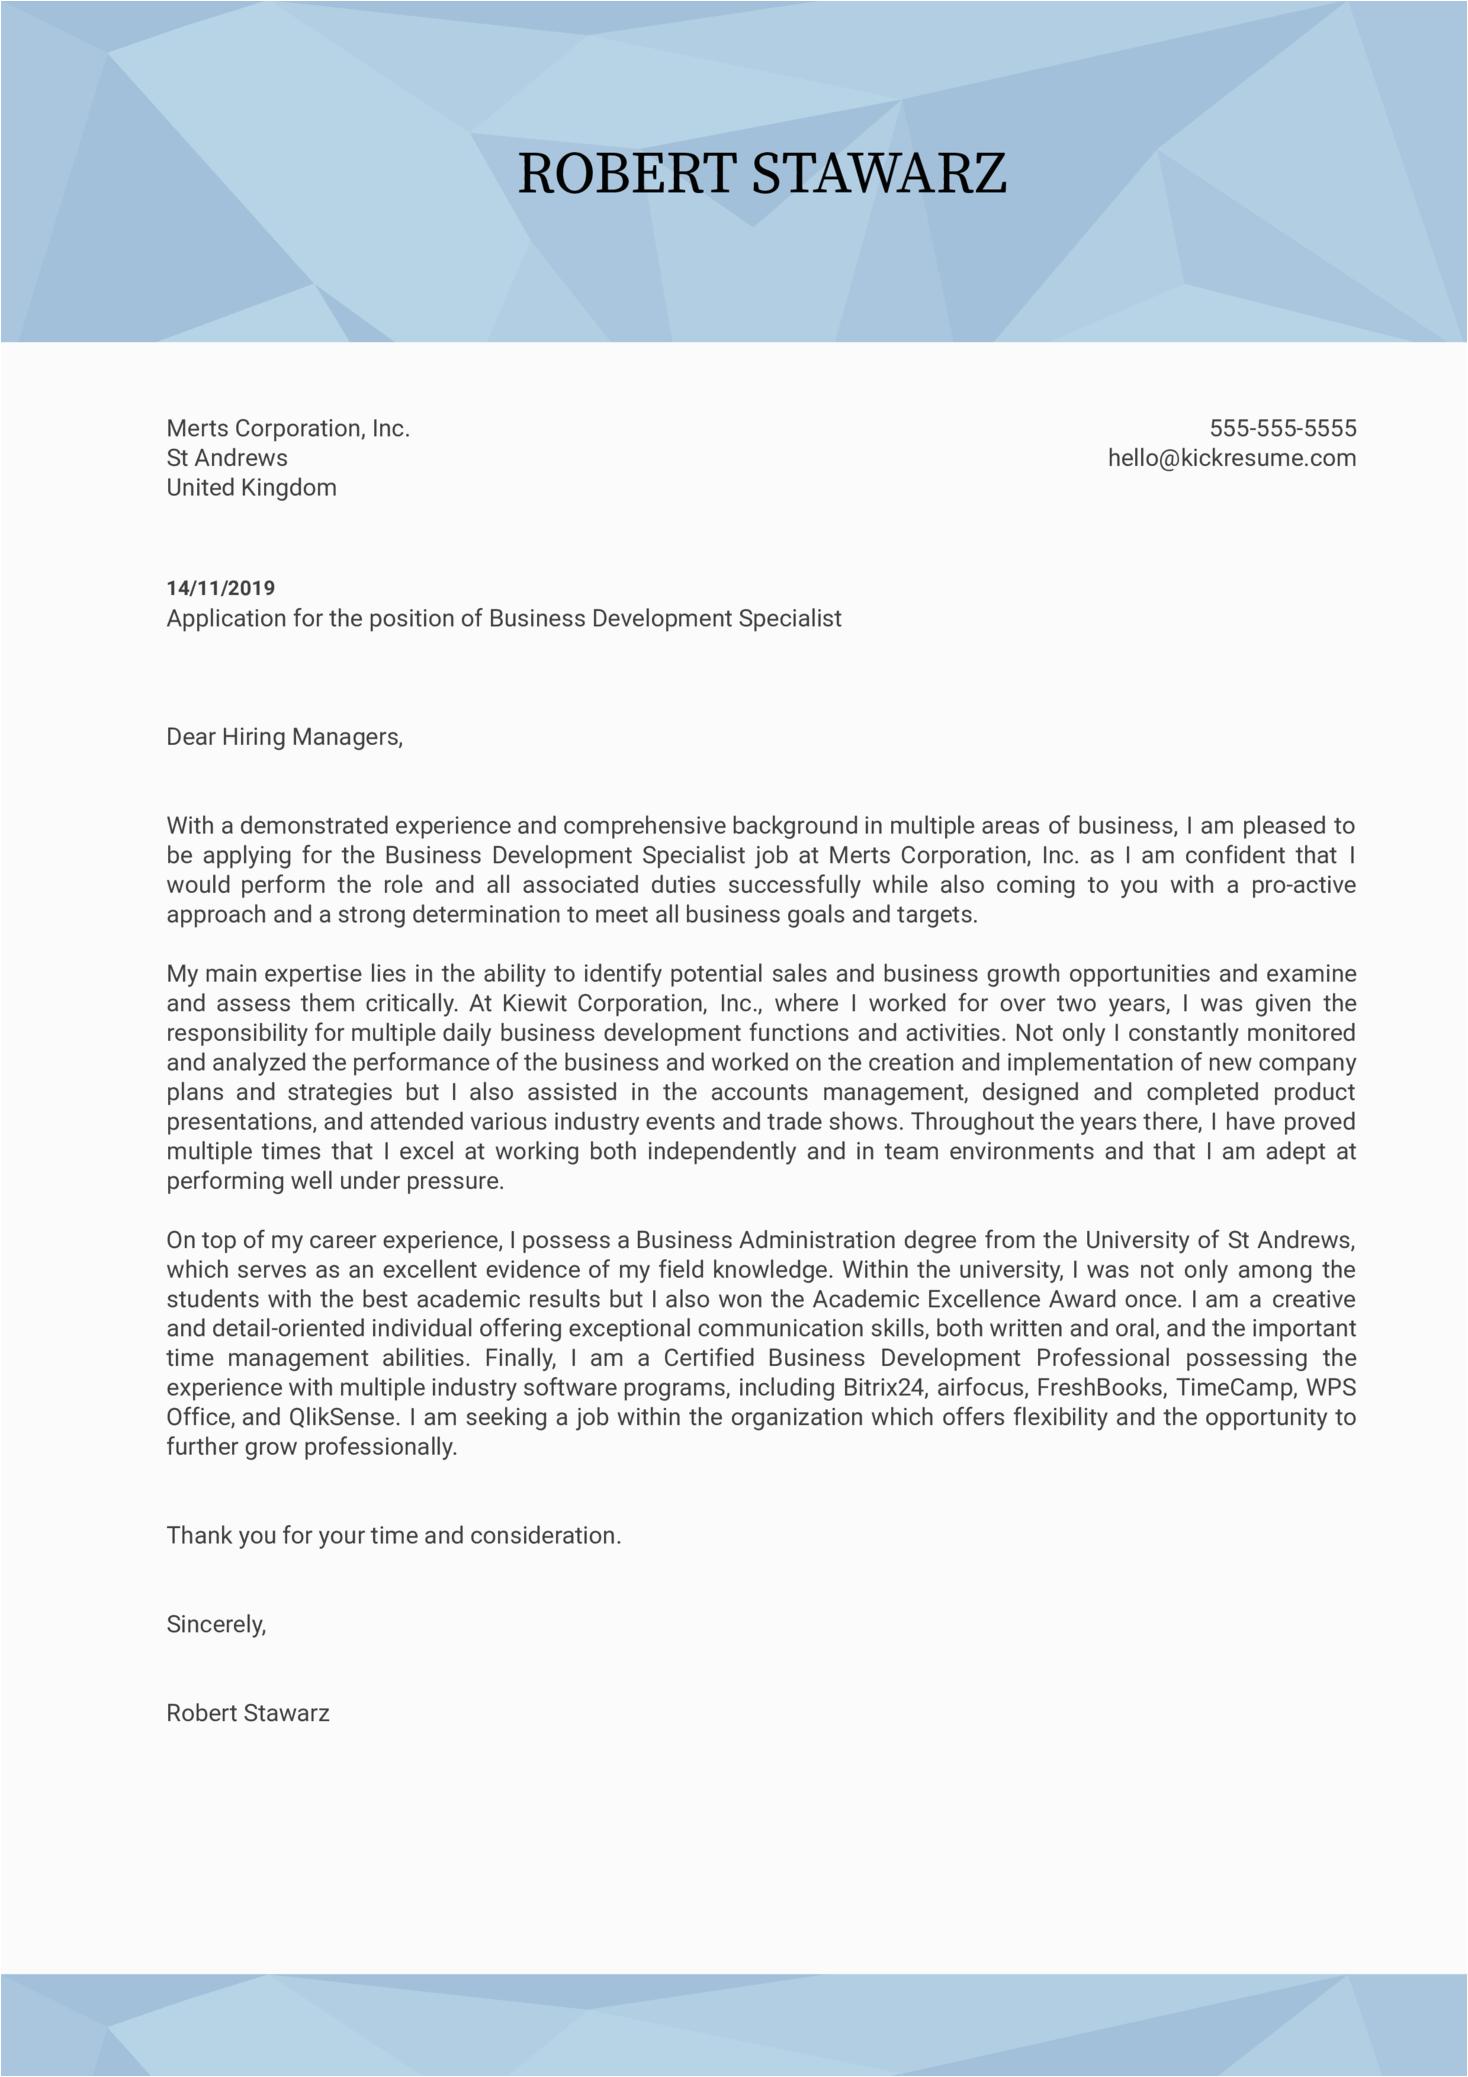 Sample Cover Letter for Resume Business Development Business Development Specialist Cover Letter Sample